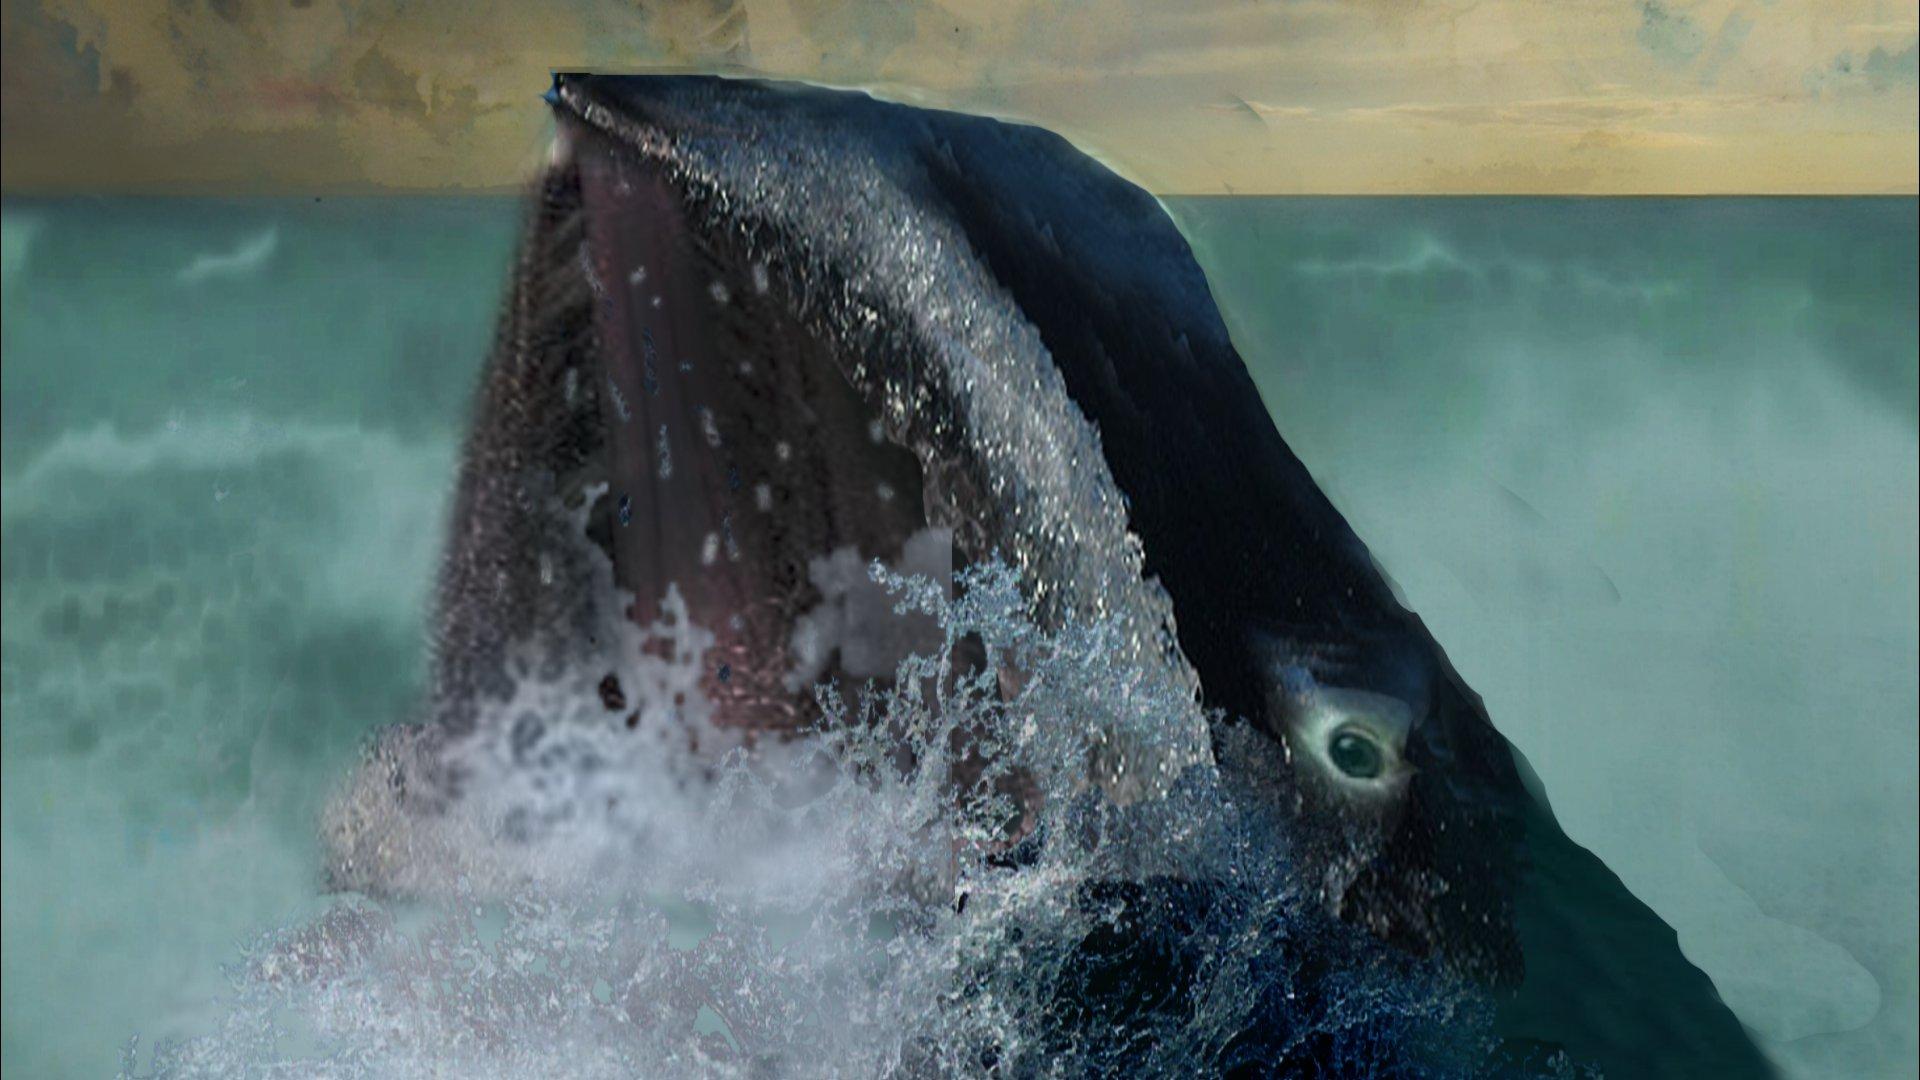 Tête de la baleine, photographie et gouache, 2019